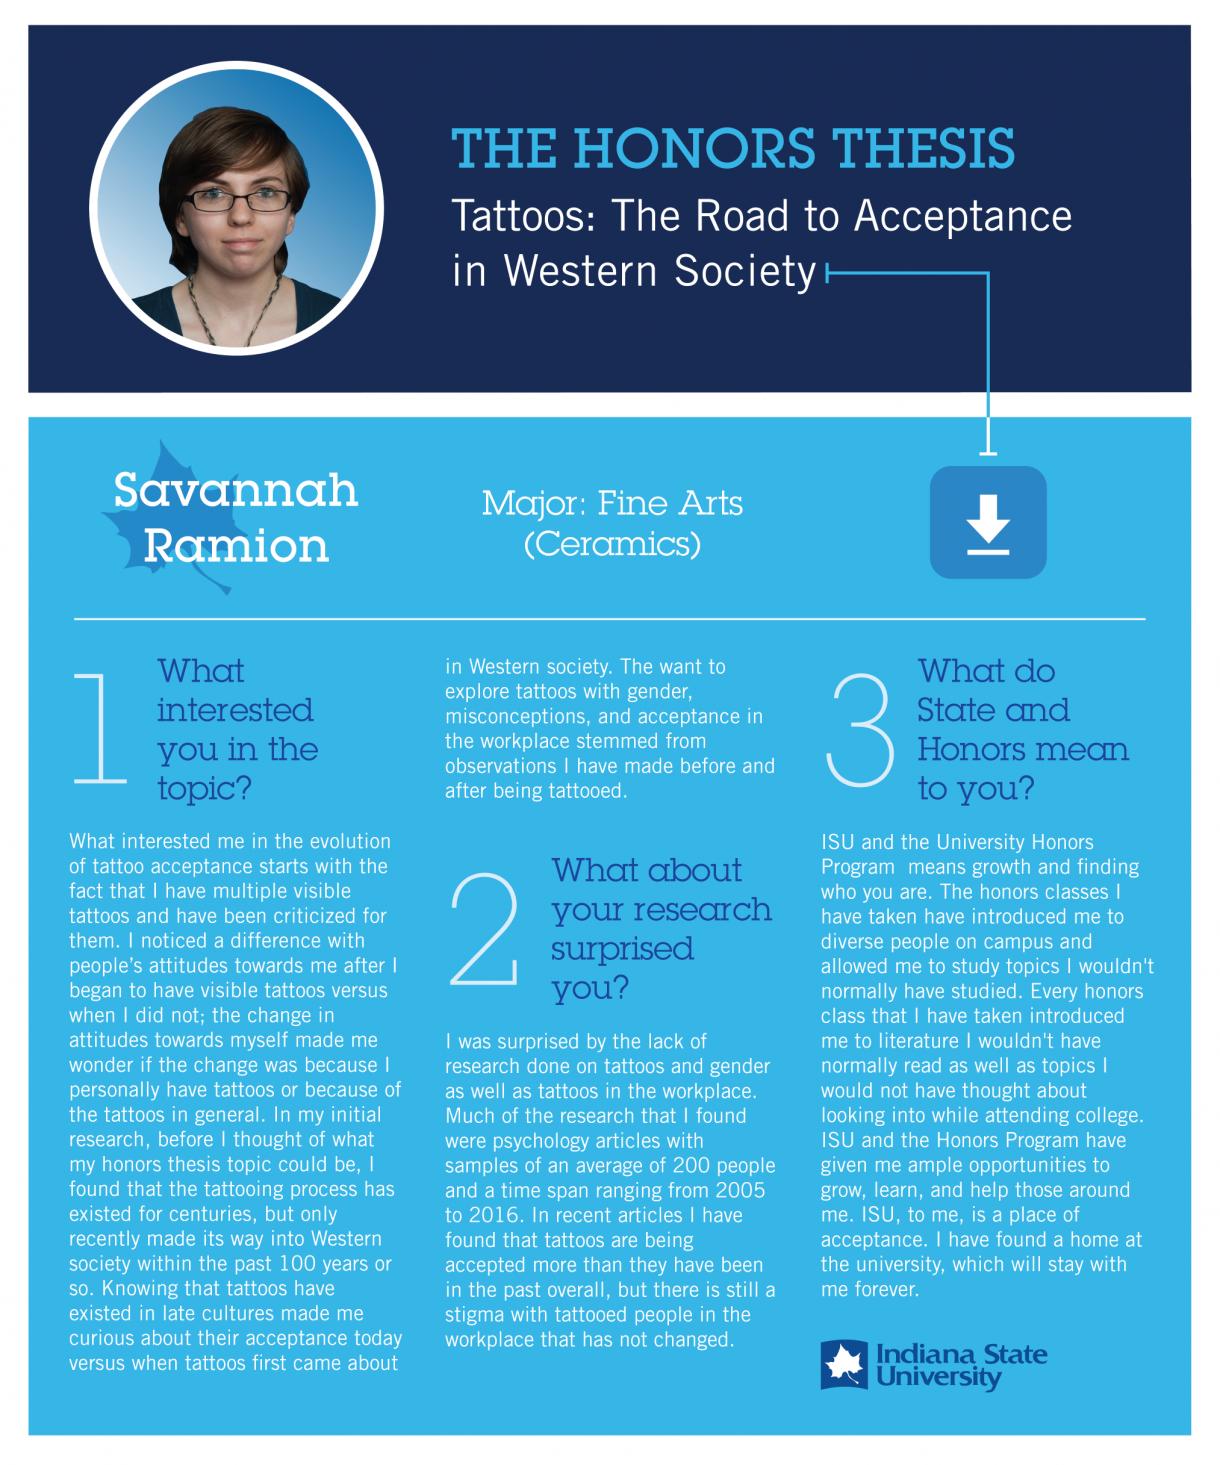 Honors Thesis: Savannah Ramion